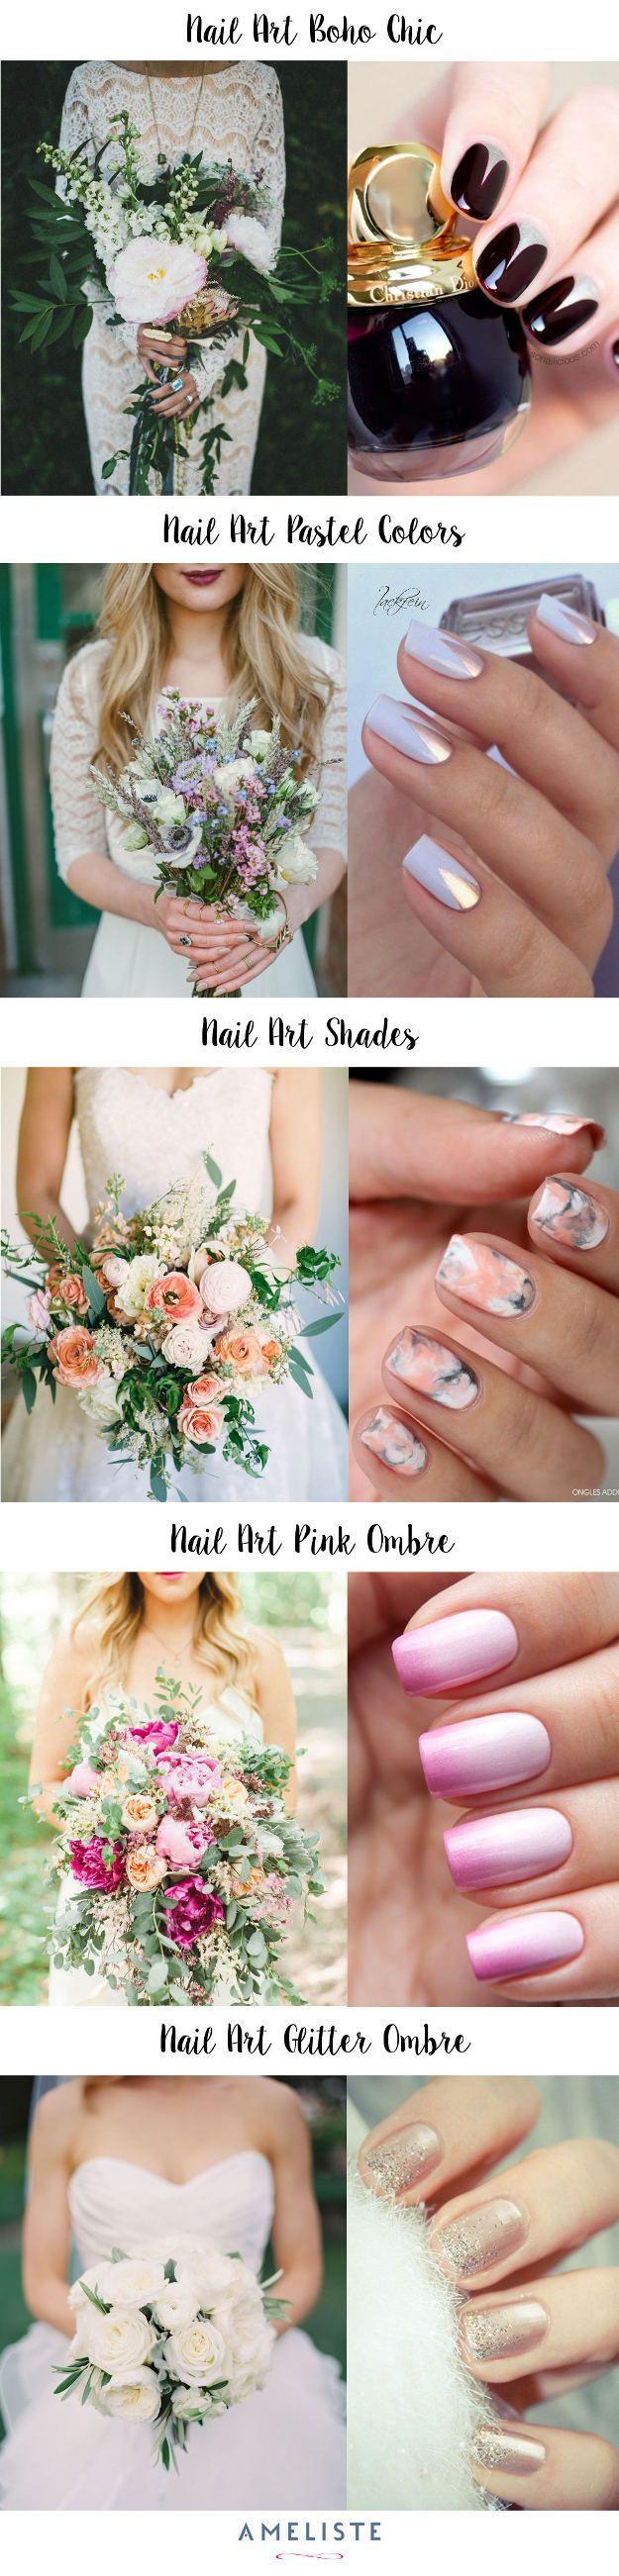 Ceremony Manicure De Mariage Id Es De Nail Art 2547591 Weddbook